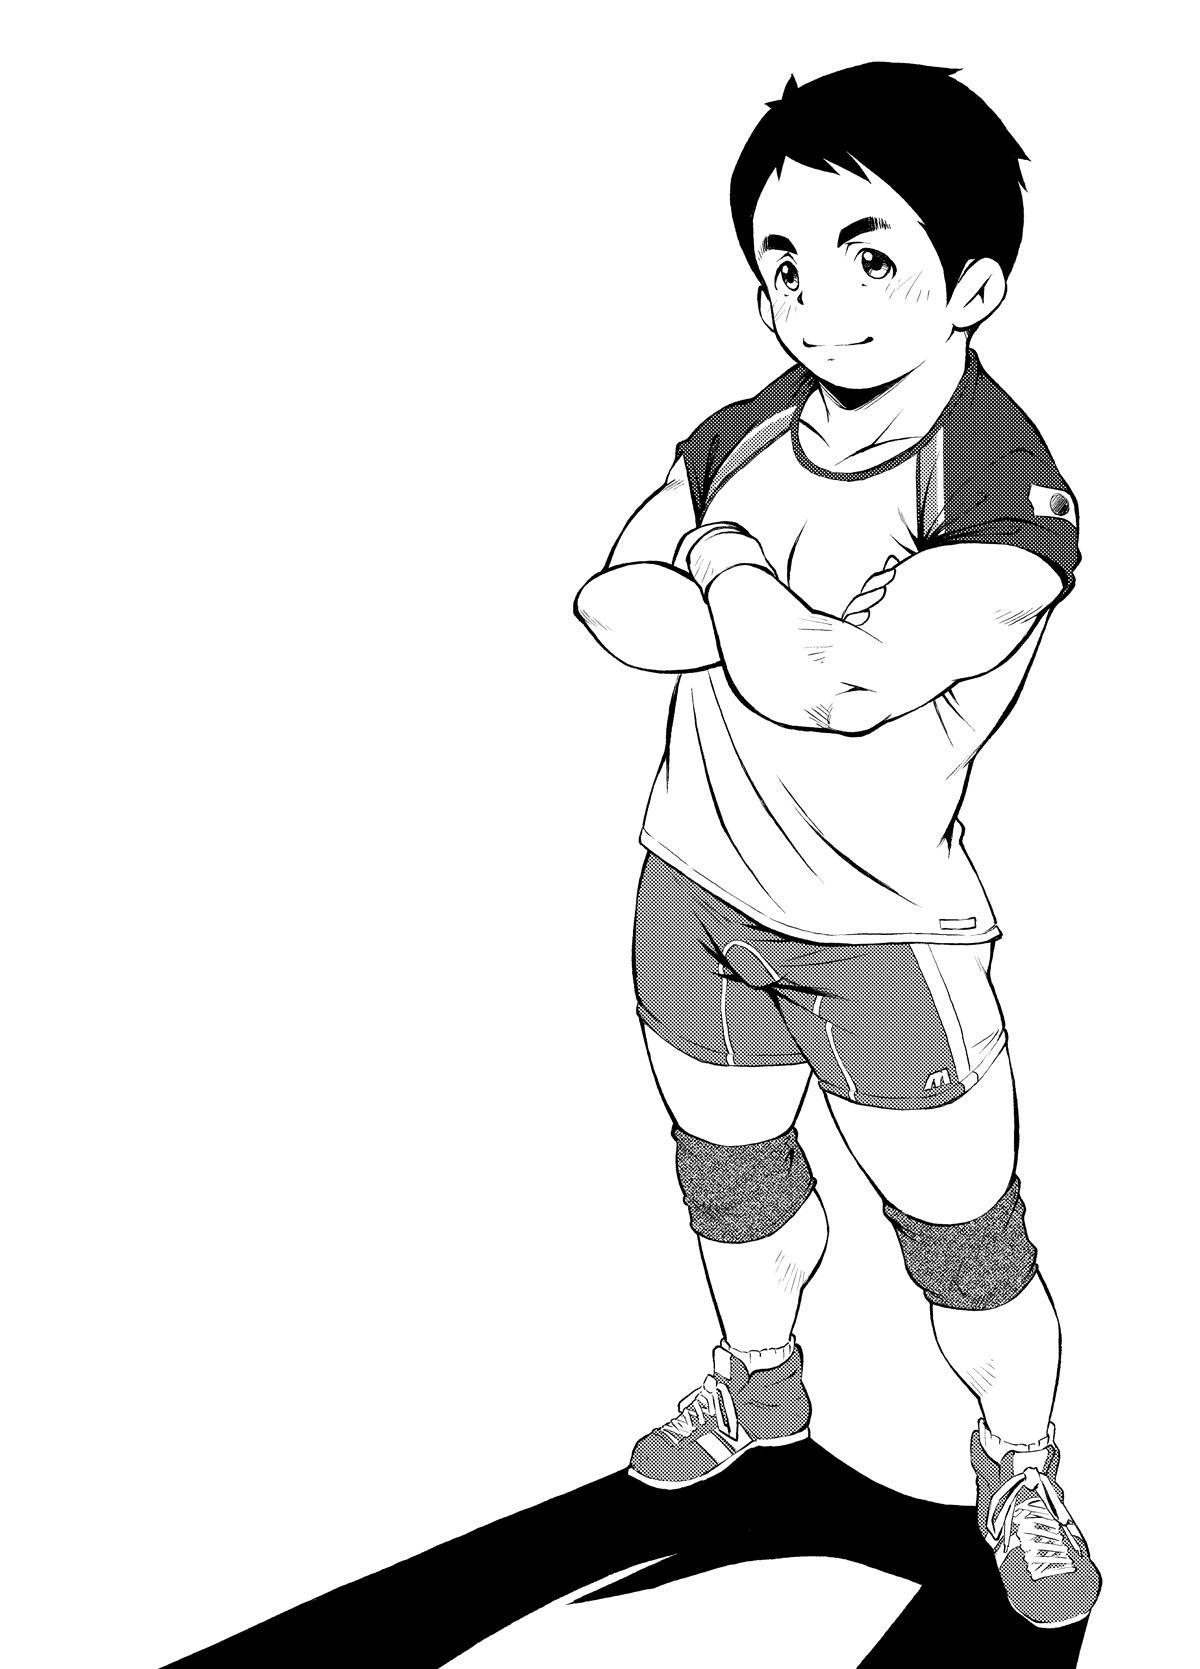 Tadashii Danshi no Kyouren Hou 3